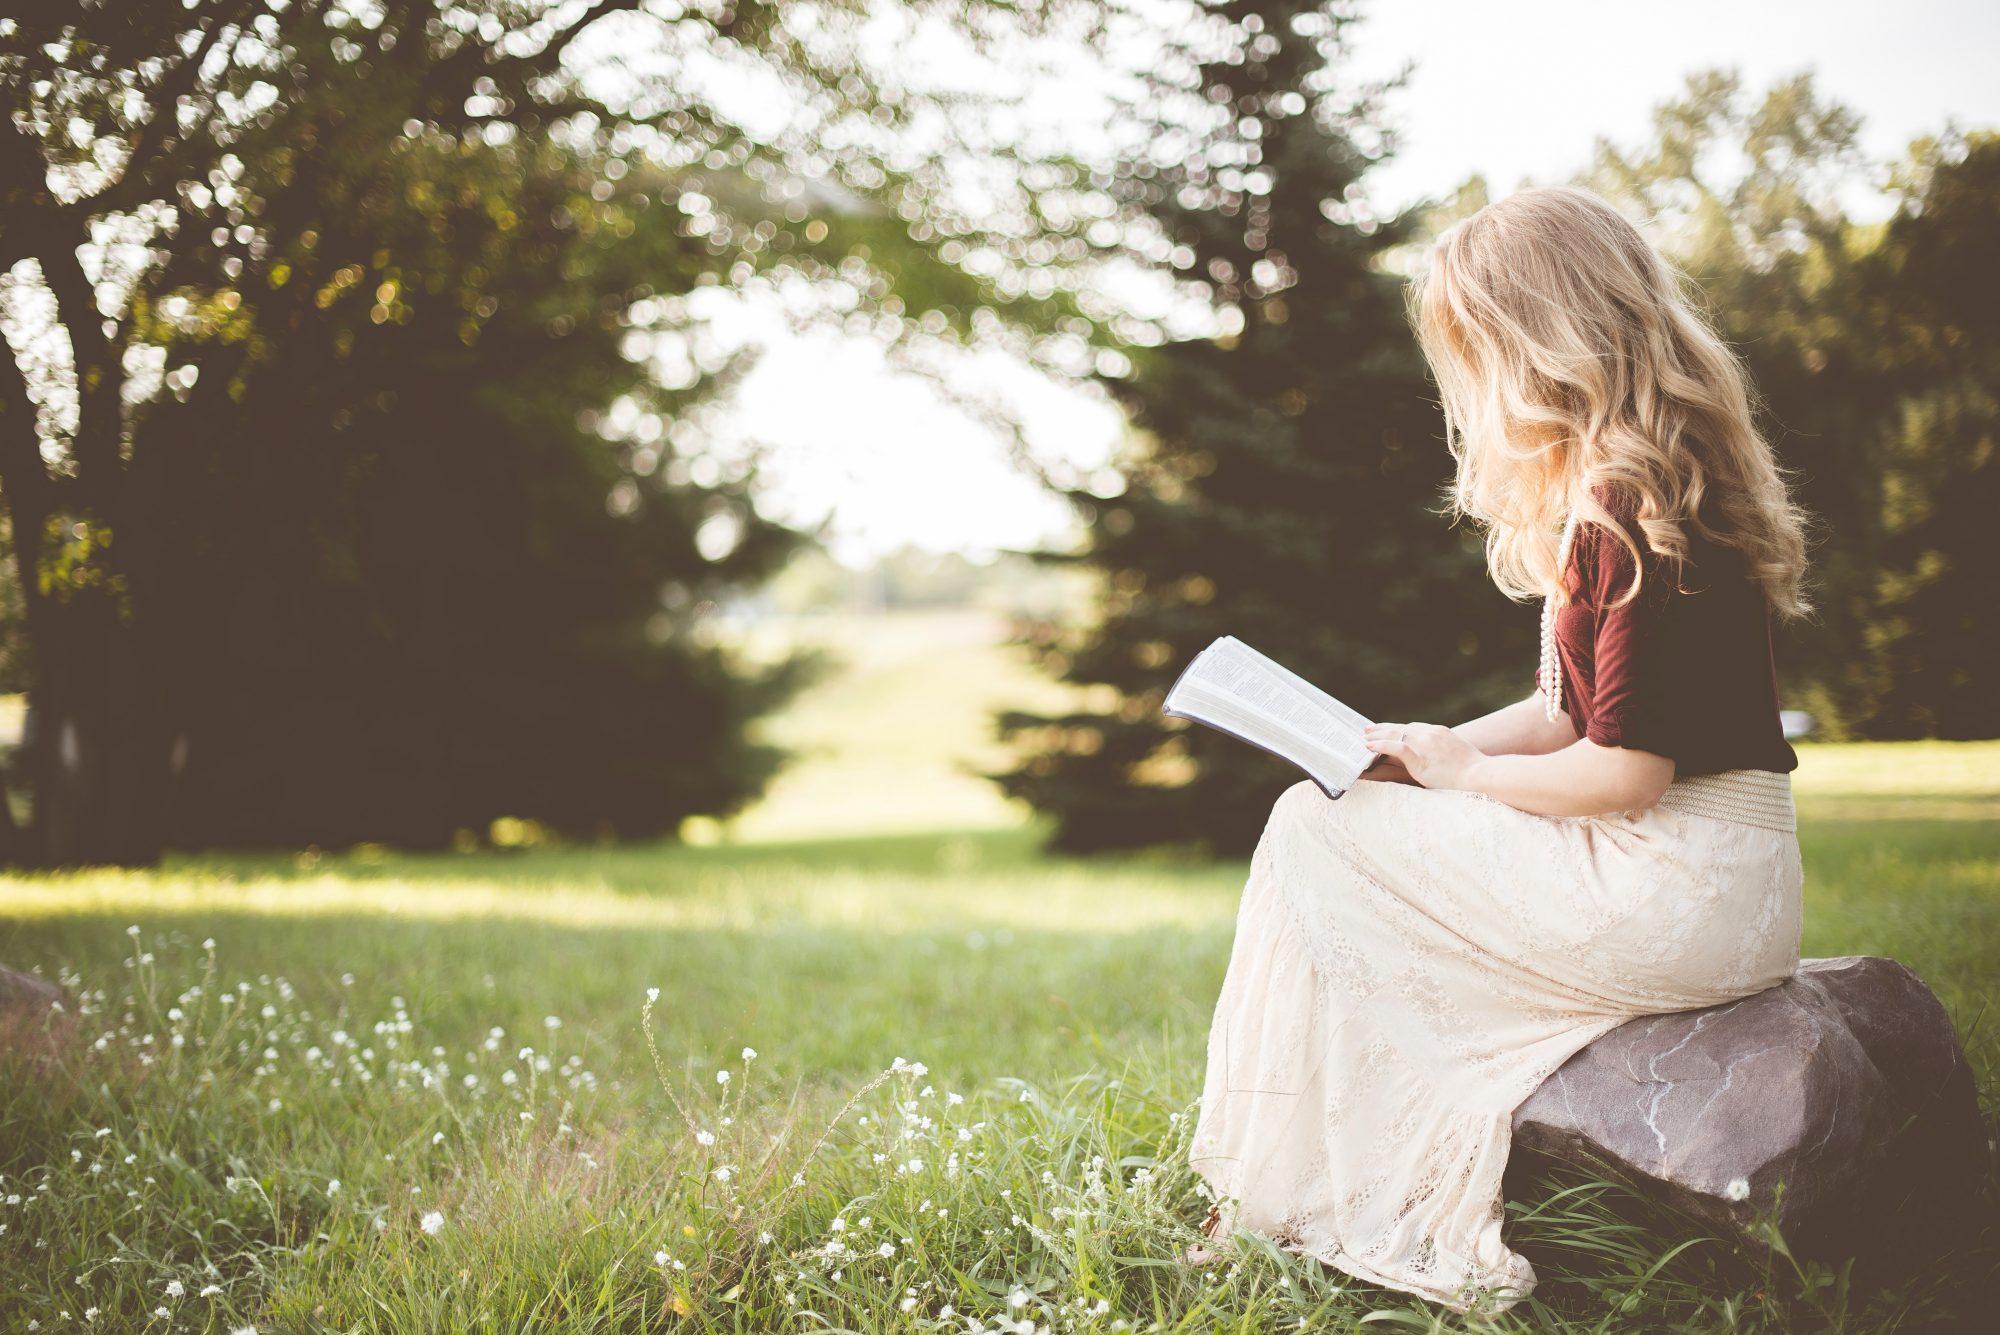 Die Heilige Schrift- Gottes Wort und ganze Wahrheit